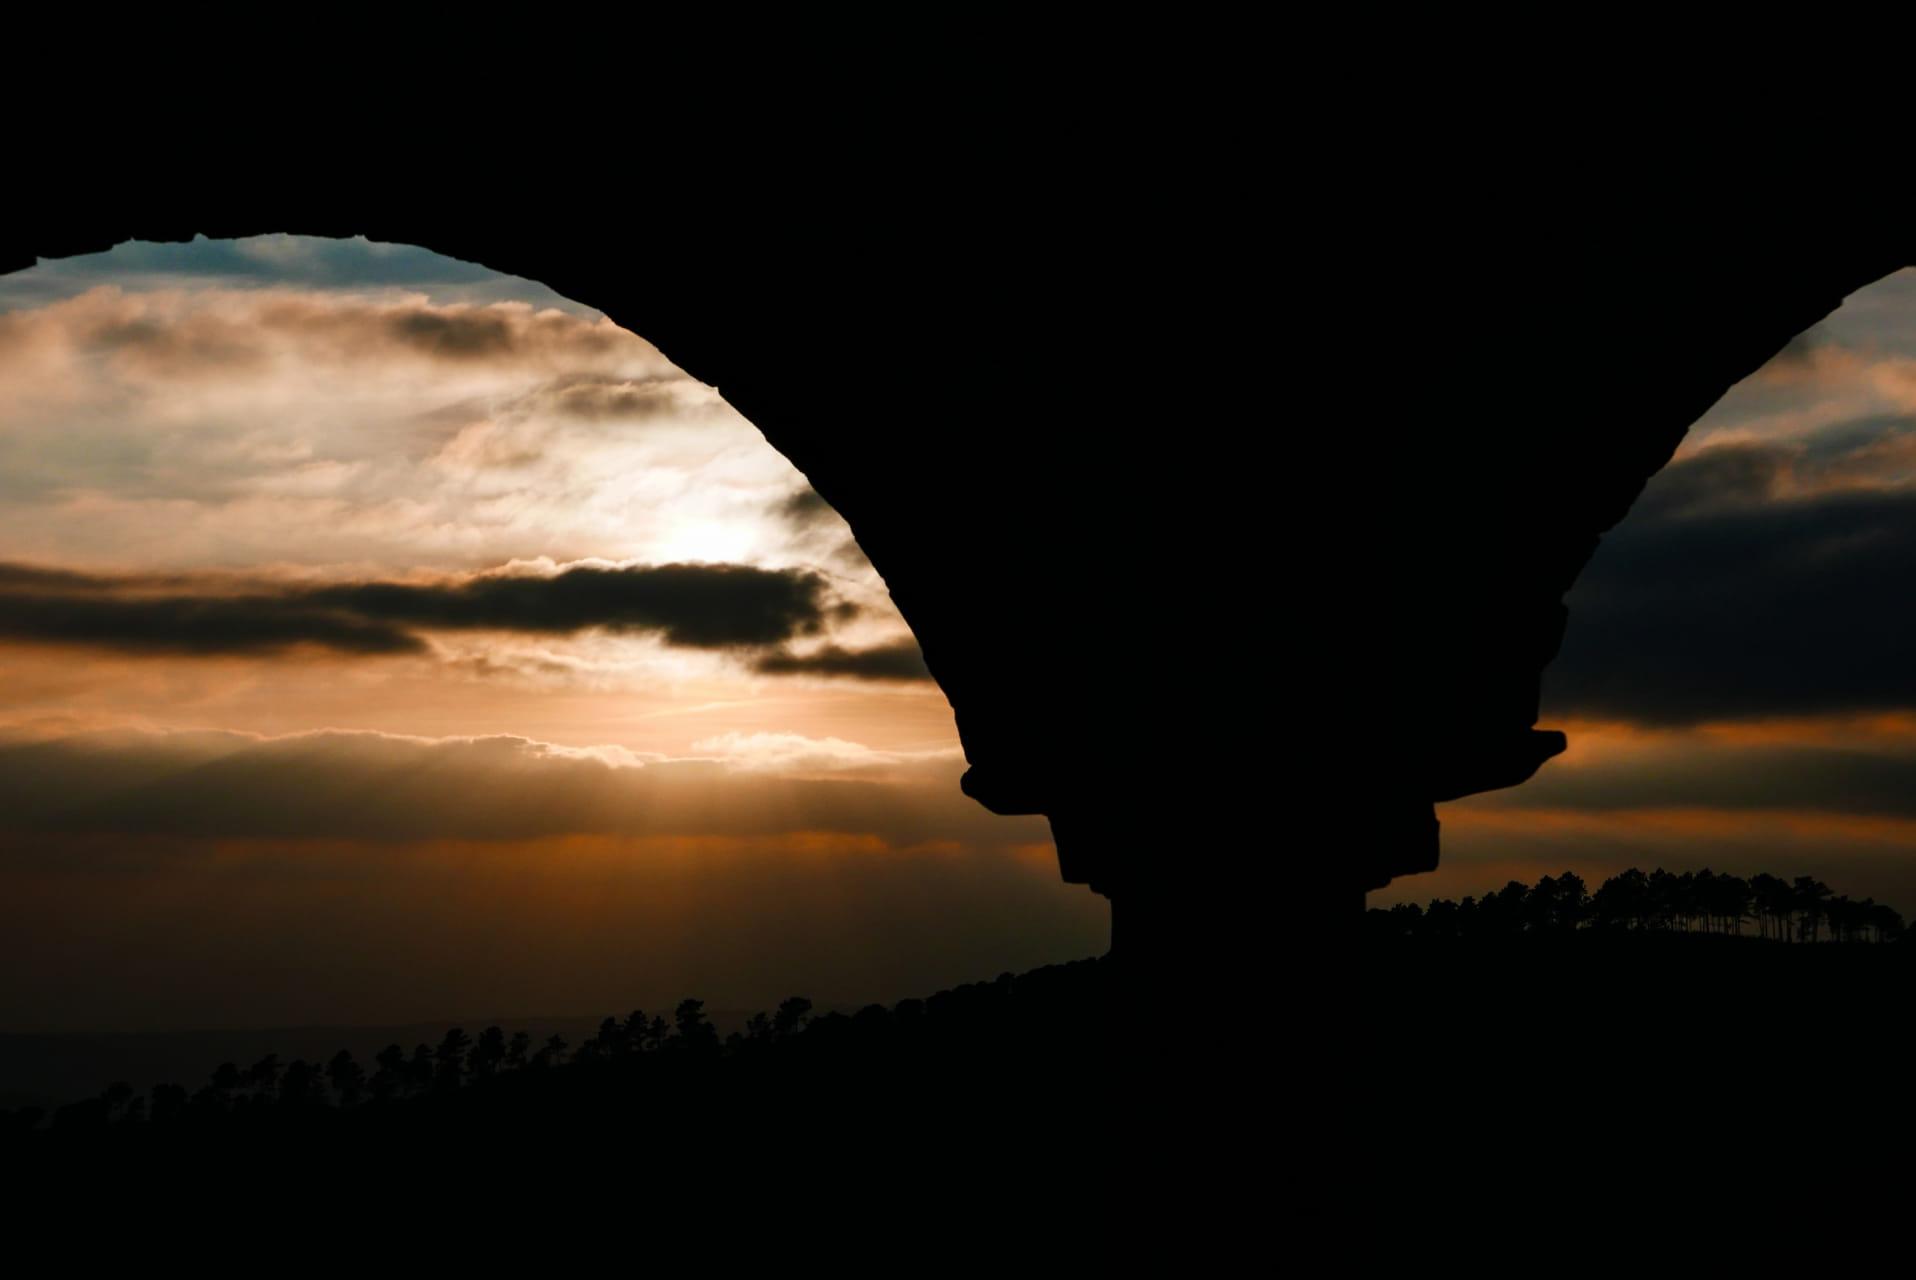 Cae el día en la mezquita (Mezquita de Almonaster la Real, Huelva)